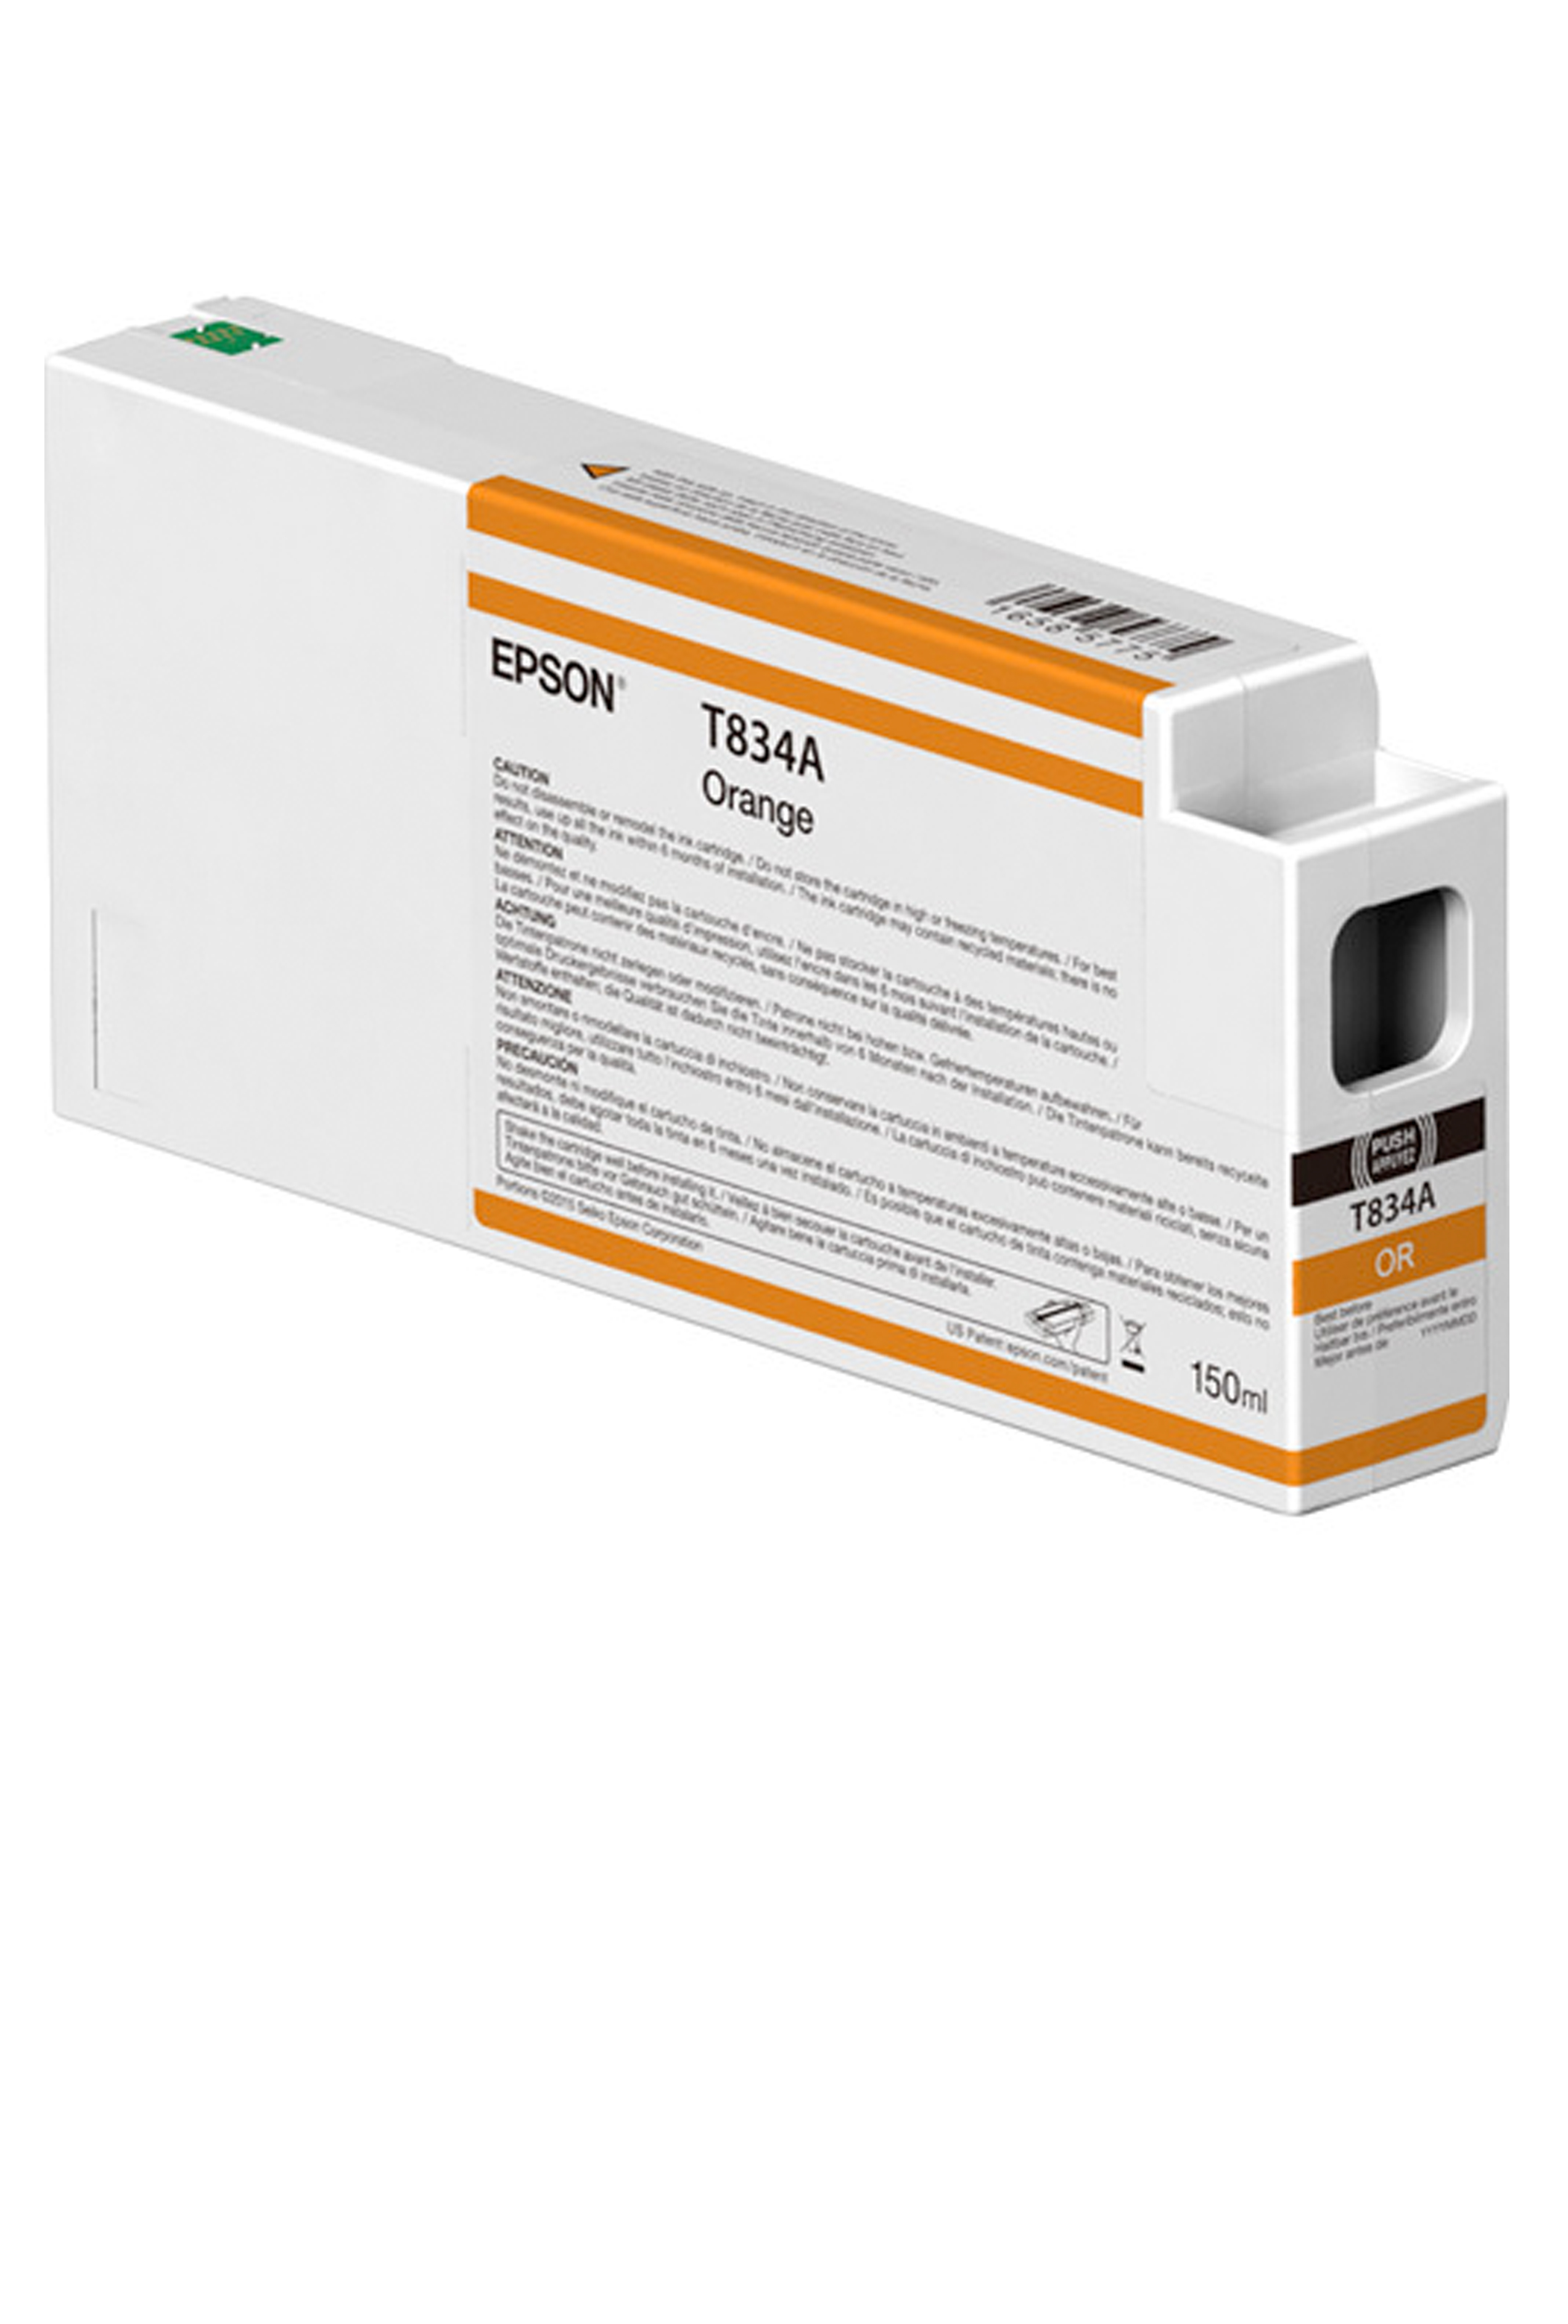 Epson EPSON SD ORANGE INK (150 ML) (T834A00)